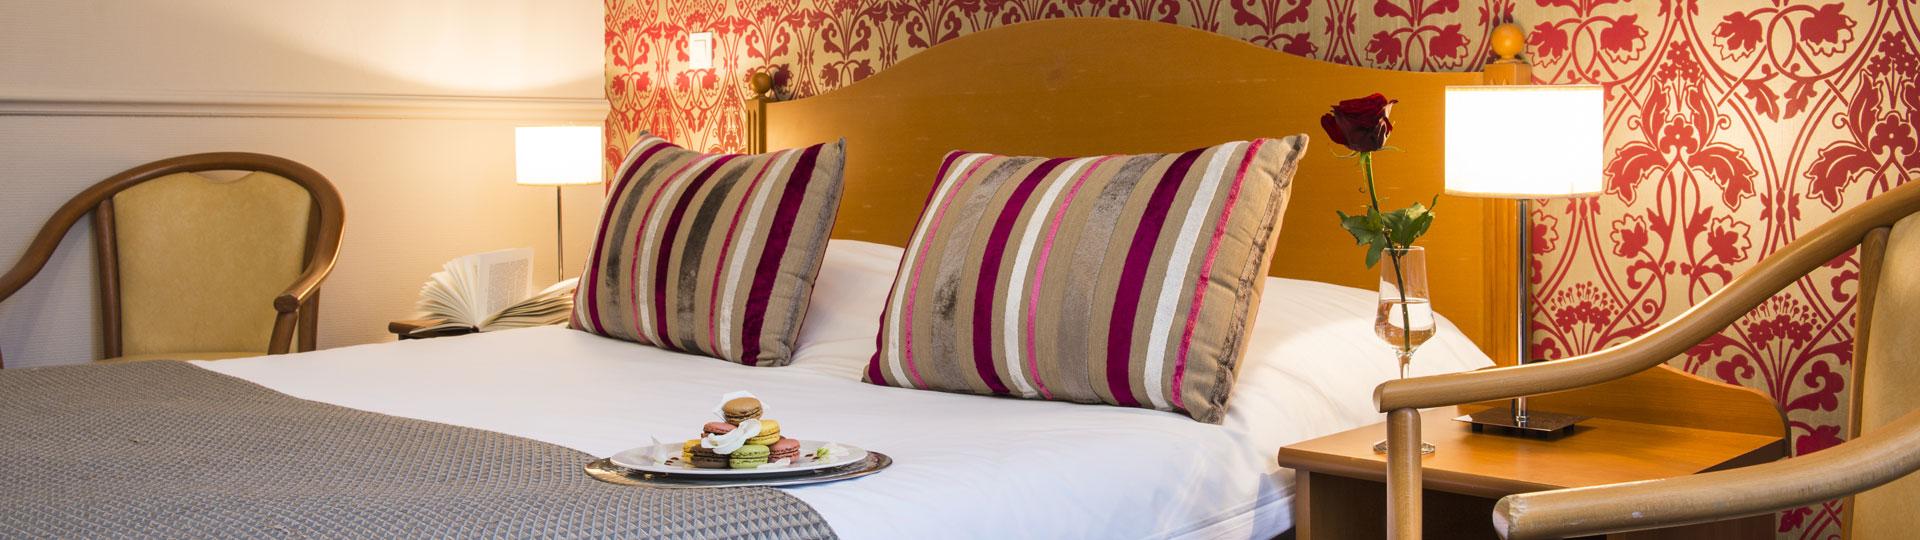 Chambre double, twin de l'hôtel*** Le Royal à Nice